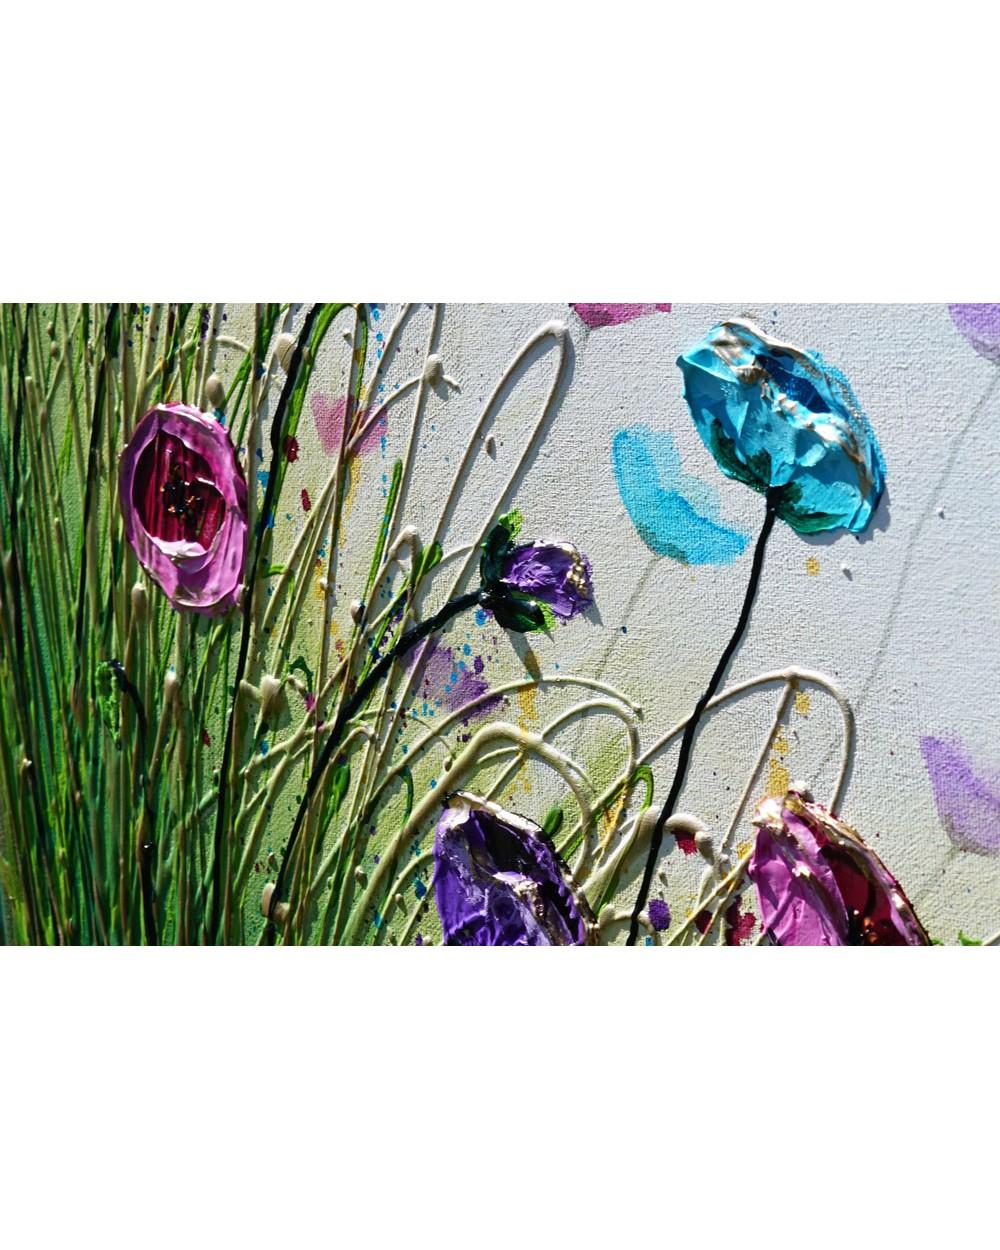 Floral Breeze